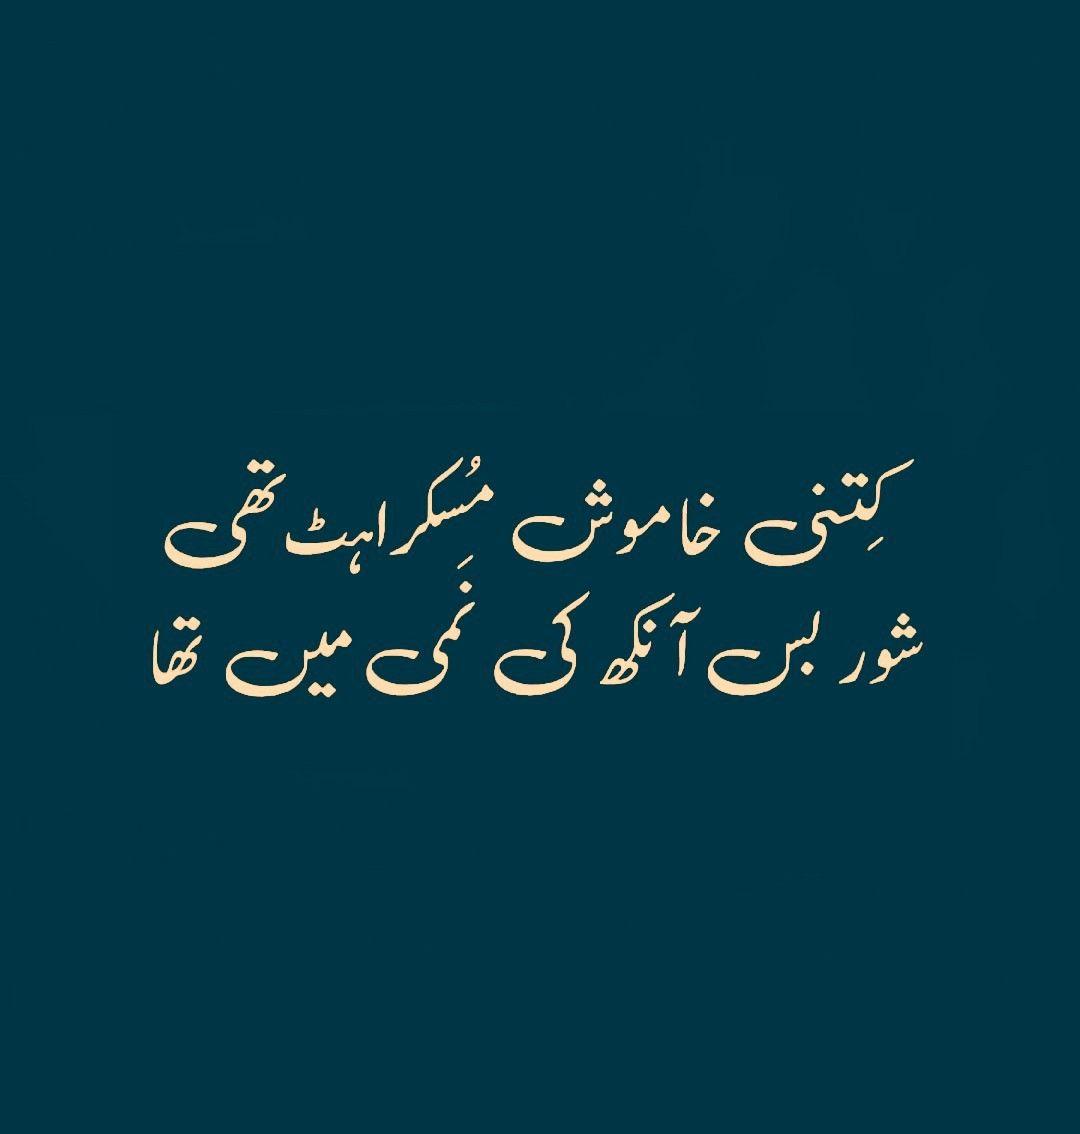 Kitni khamosh muskurahat thi.. Shor bus aankh ki nami men tha.. | Poetry words, Urdu poetry, My poetry